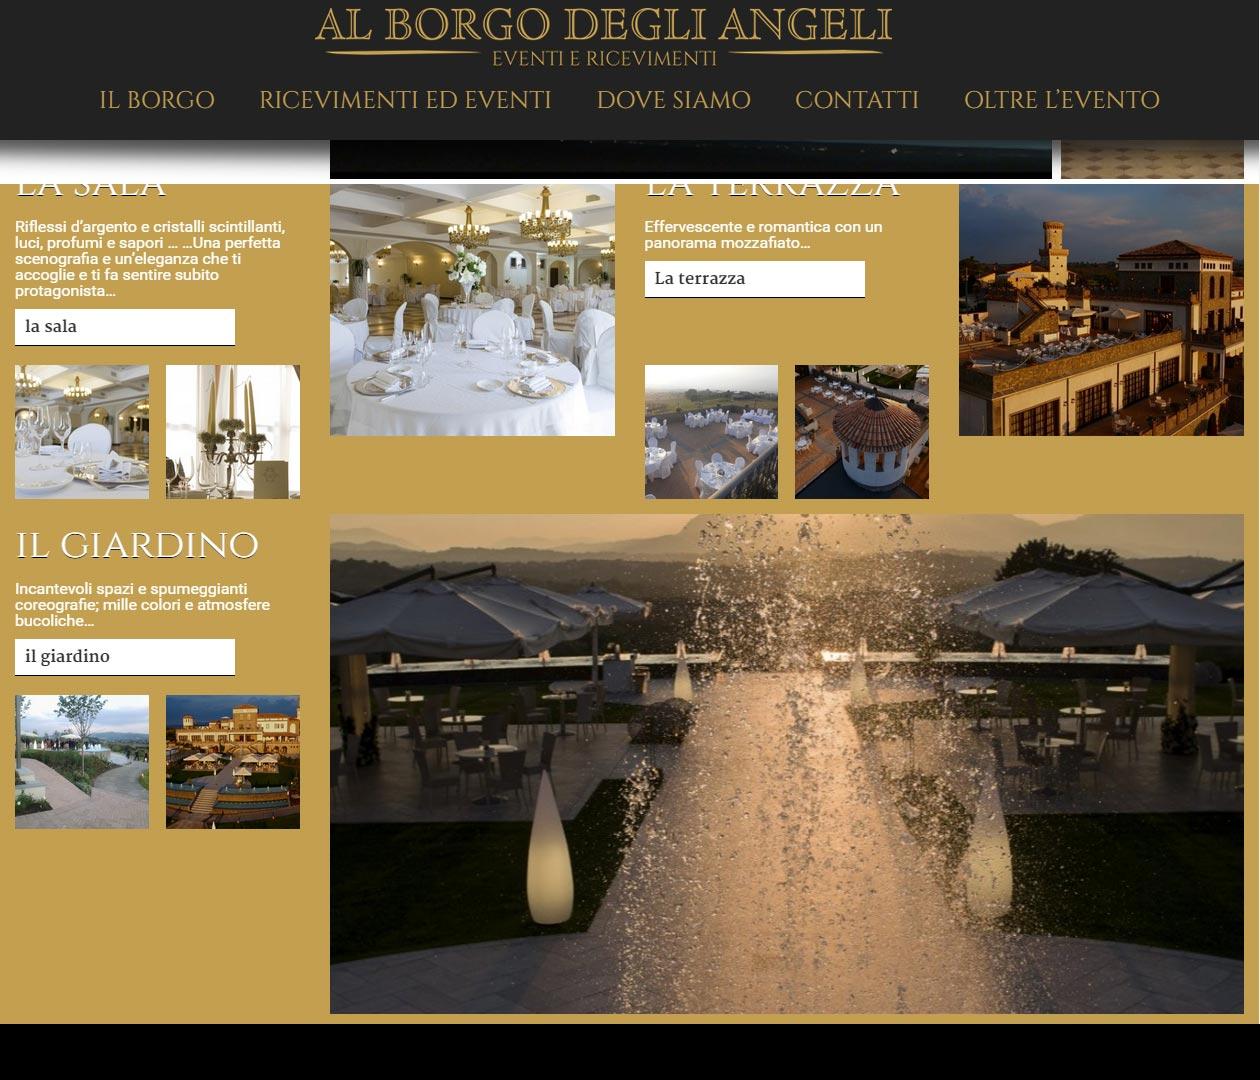 Al Borgo degli Angeli